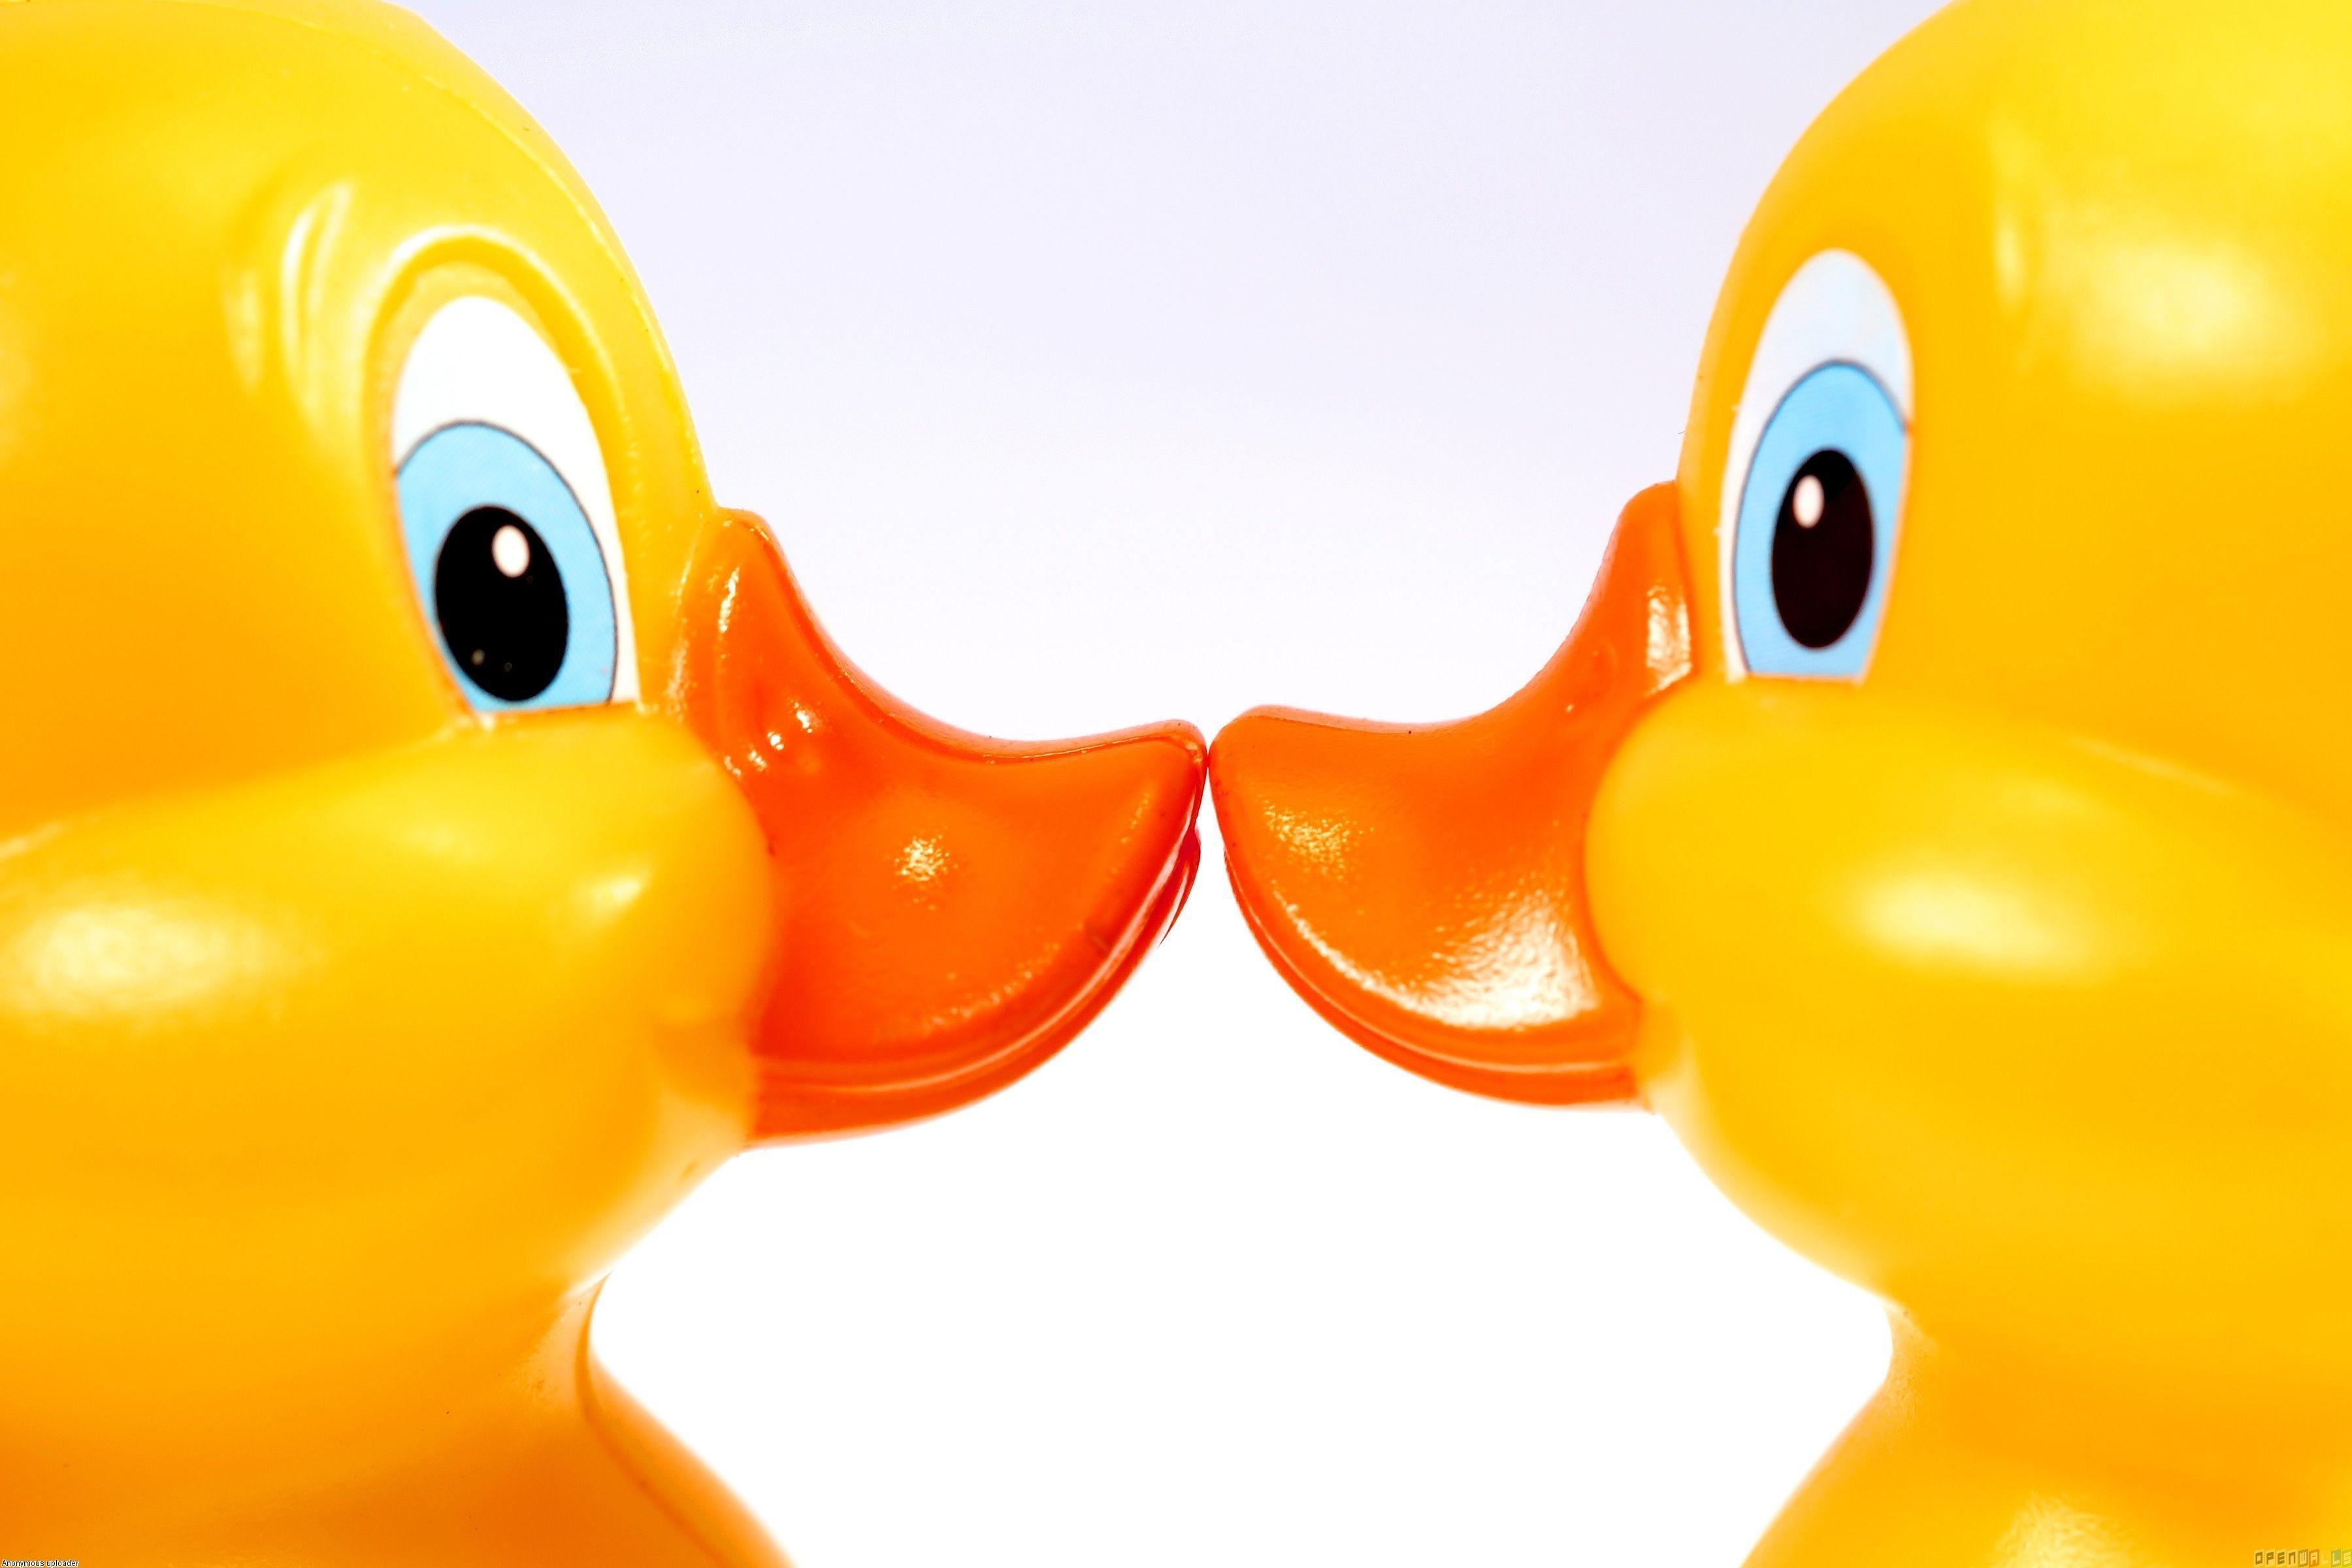 rubber duck wallpaper - photo #12